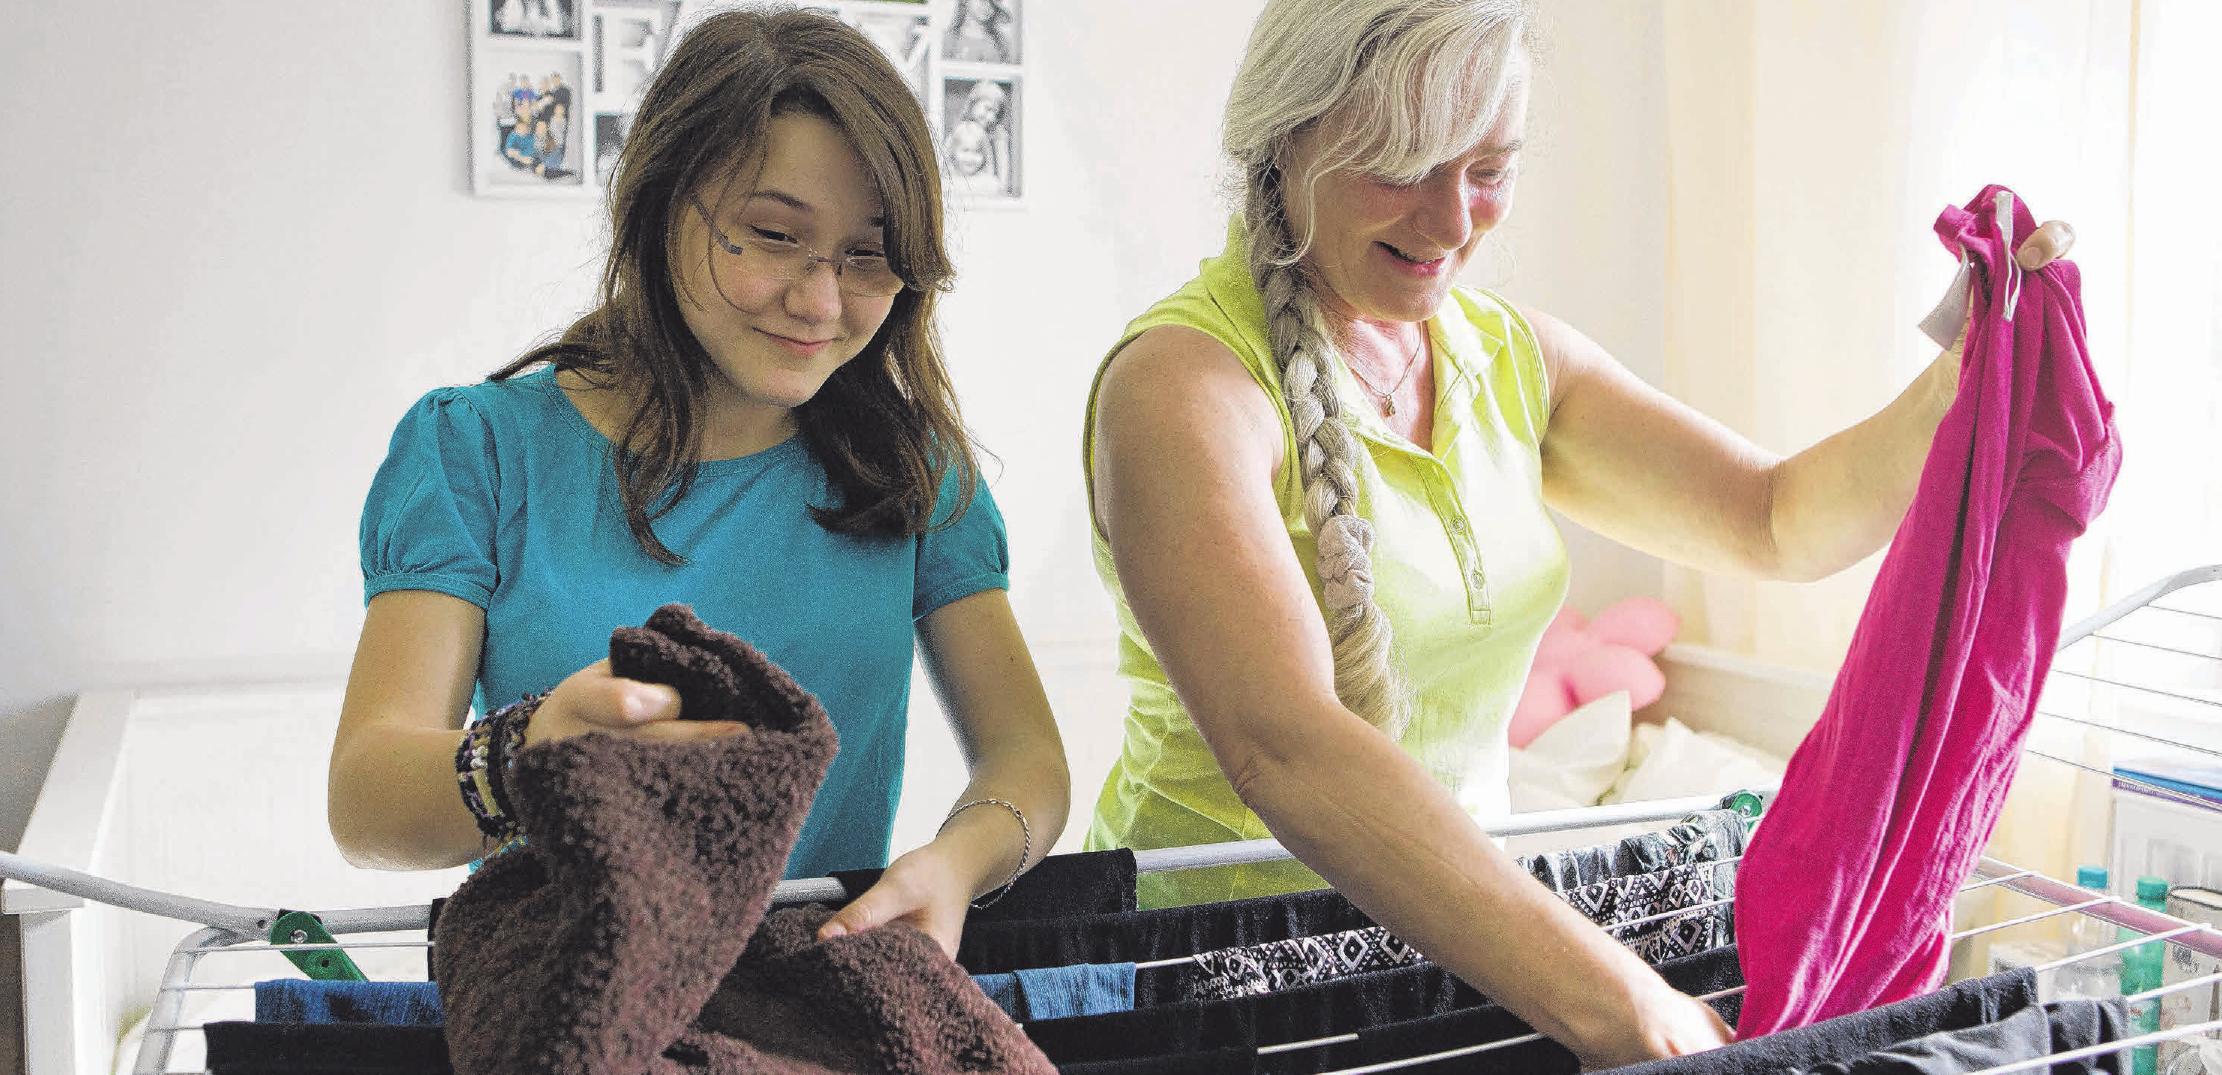 Wäschedienst oder Bad putzen: Wer während seiner Ausbildung noch zu Hause wohnt, sollte feste Aufgaben im Haushalt übernehmen. Foto: Silvia Marks/Archiv